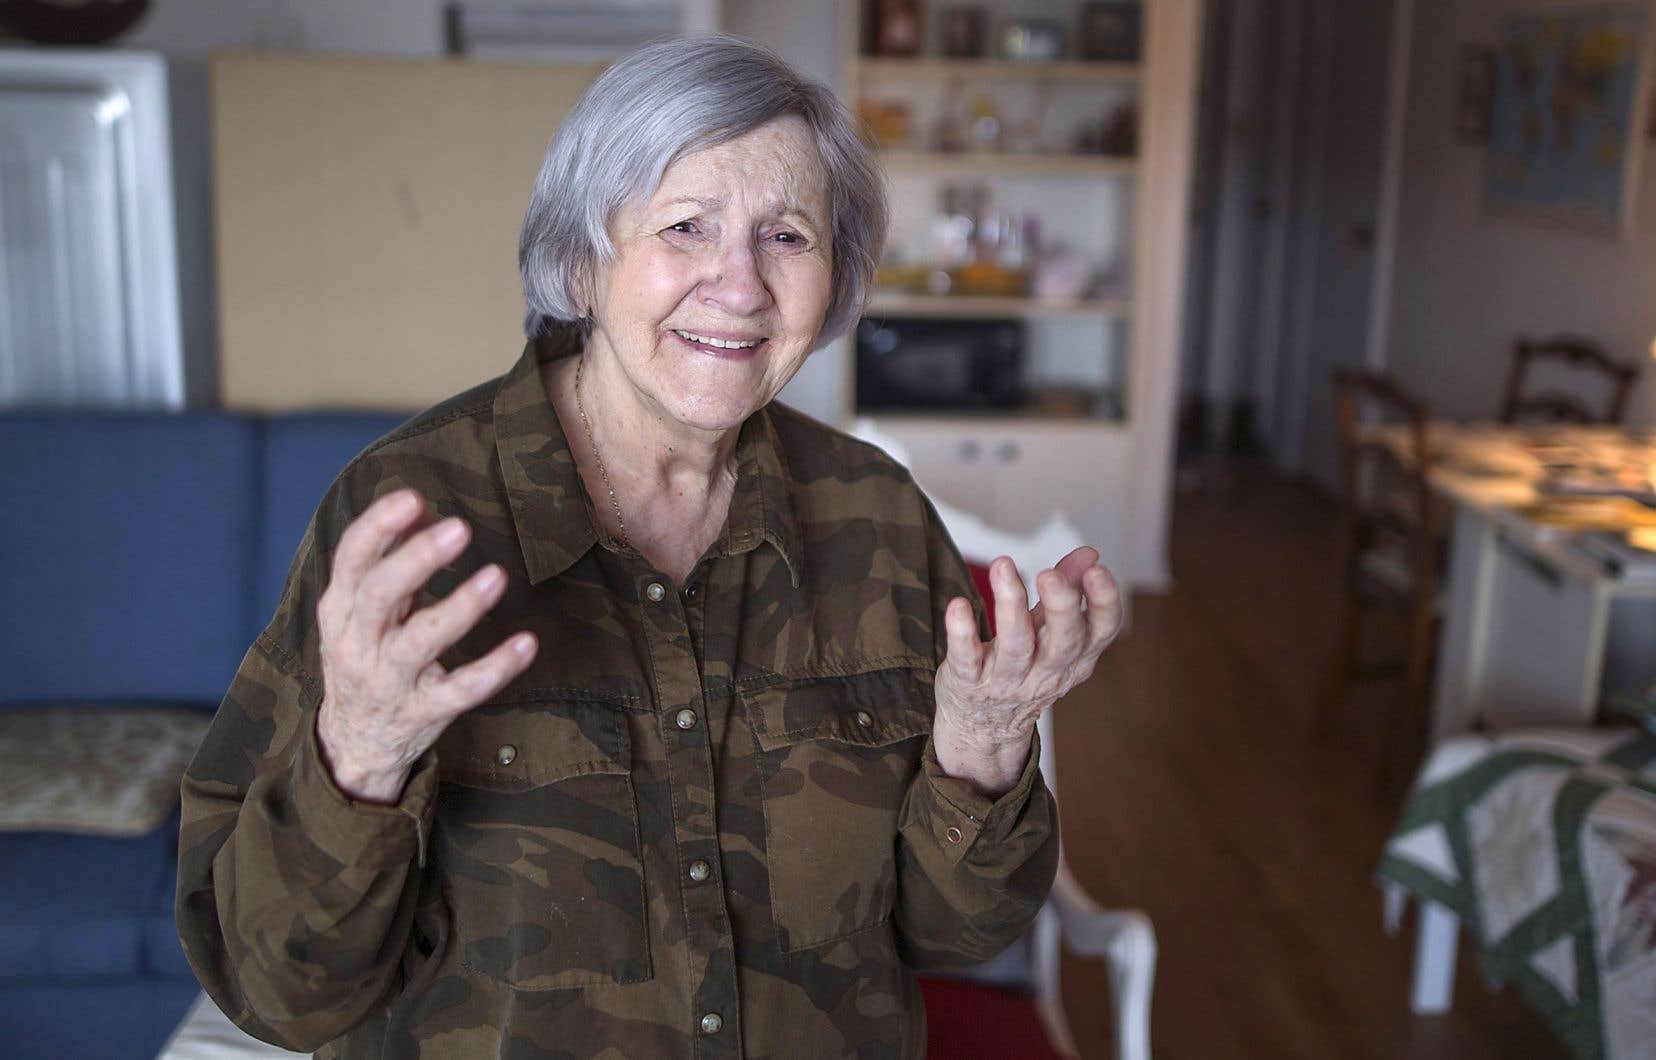 La solitude serait aussi dommageable que la cigarette ou la sédentarité. Ci-dessus, Henriette Joncas, 85ans, vit dans une résidence pour personnes âgées au centre-ville de Montréal.